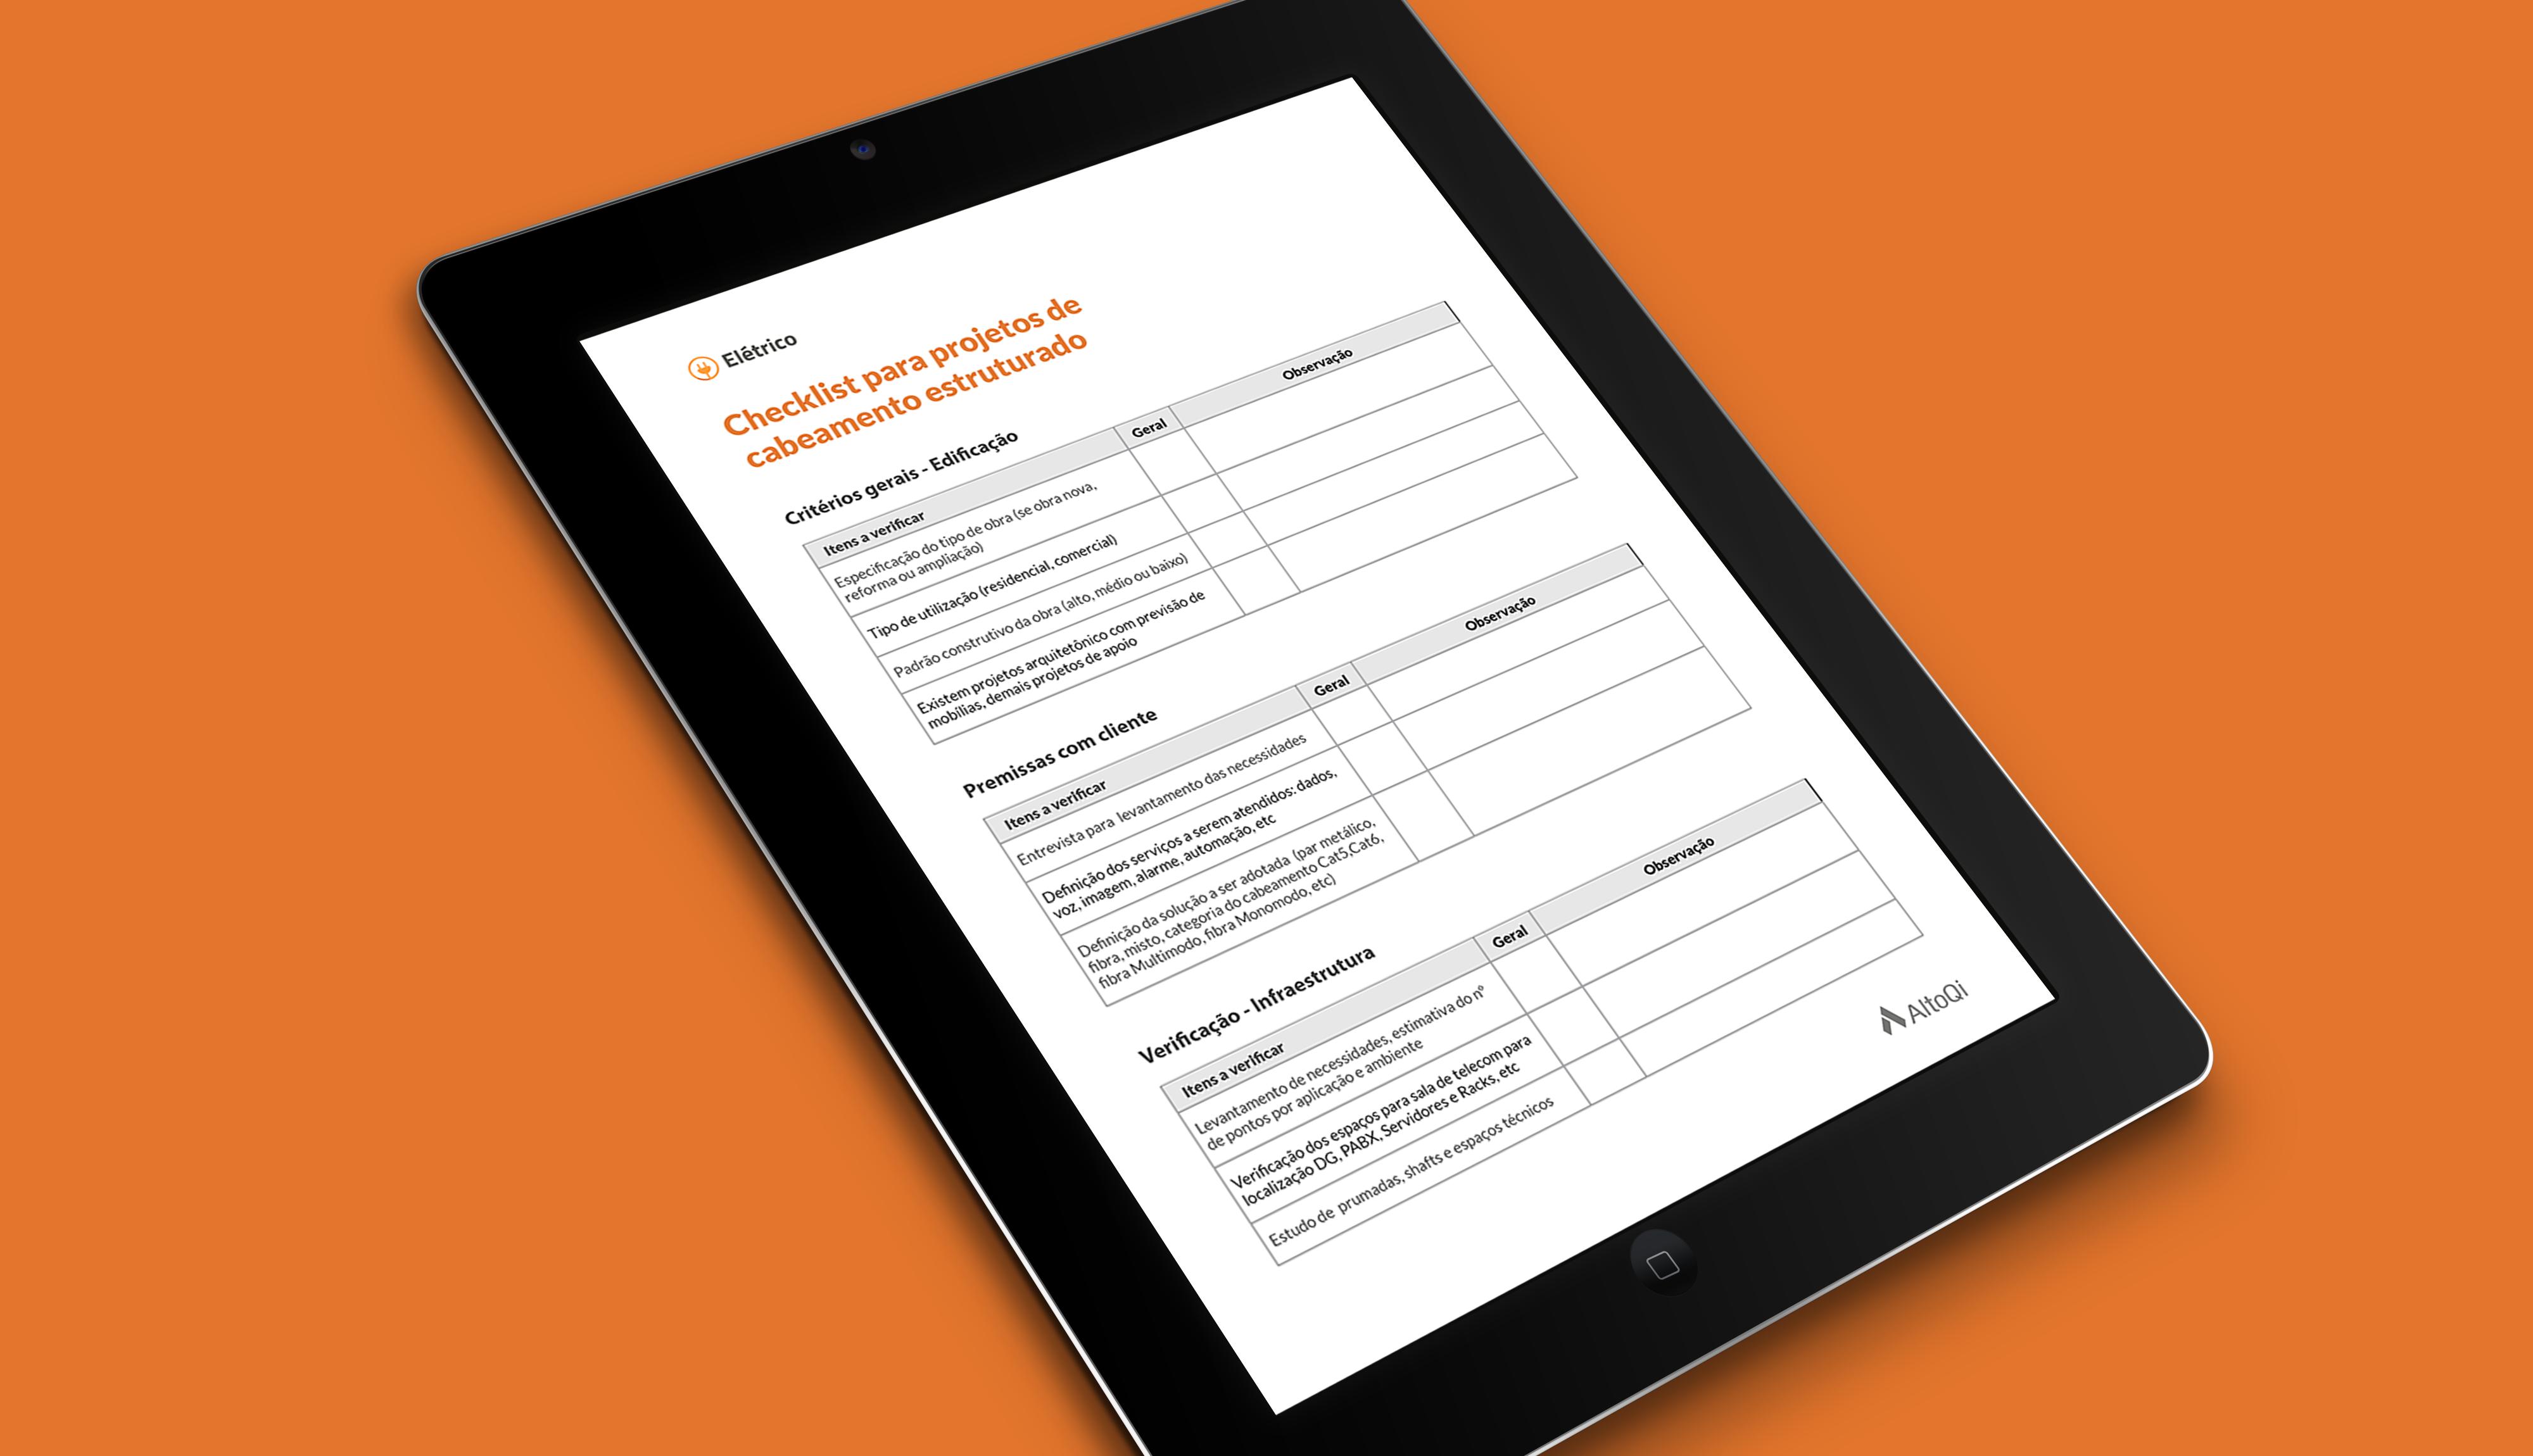 maiseng-checklist-projeto-de-cabeamento-estruturado-download